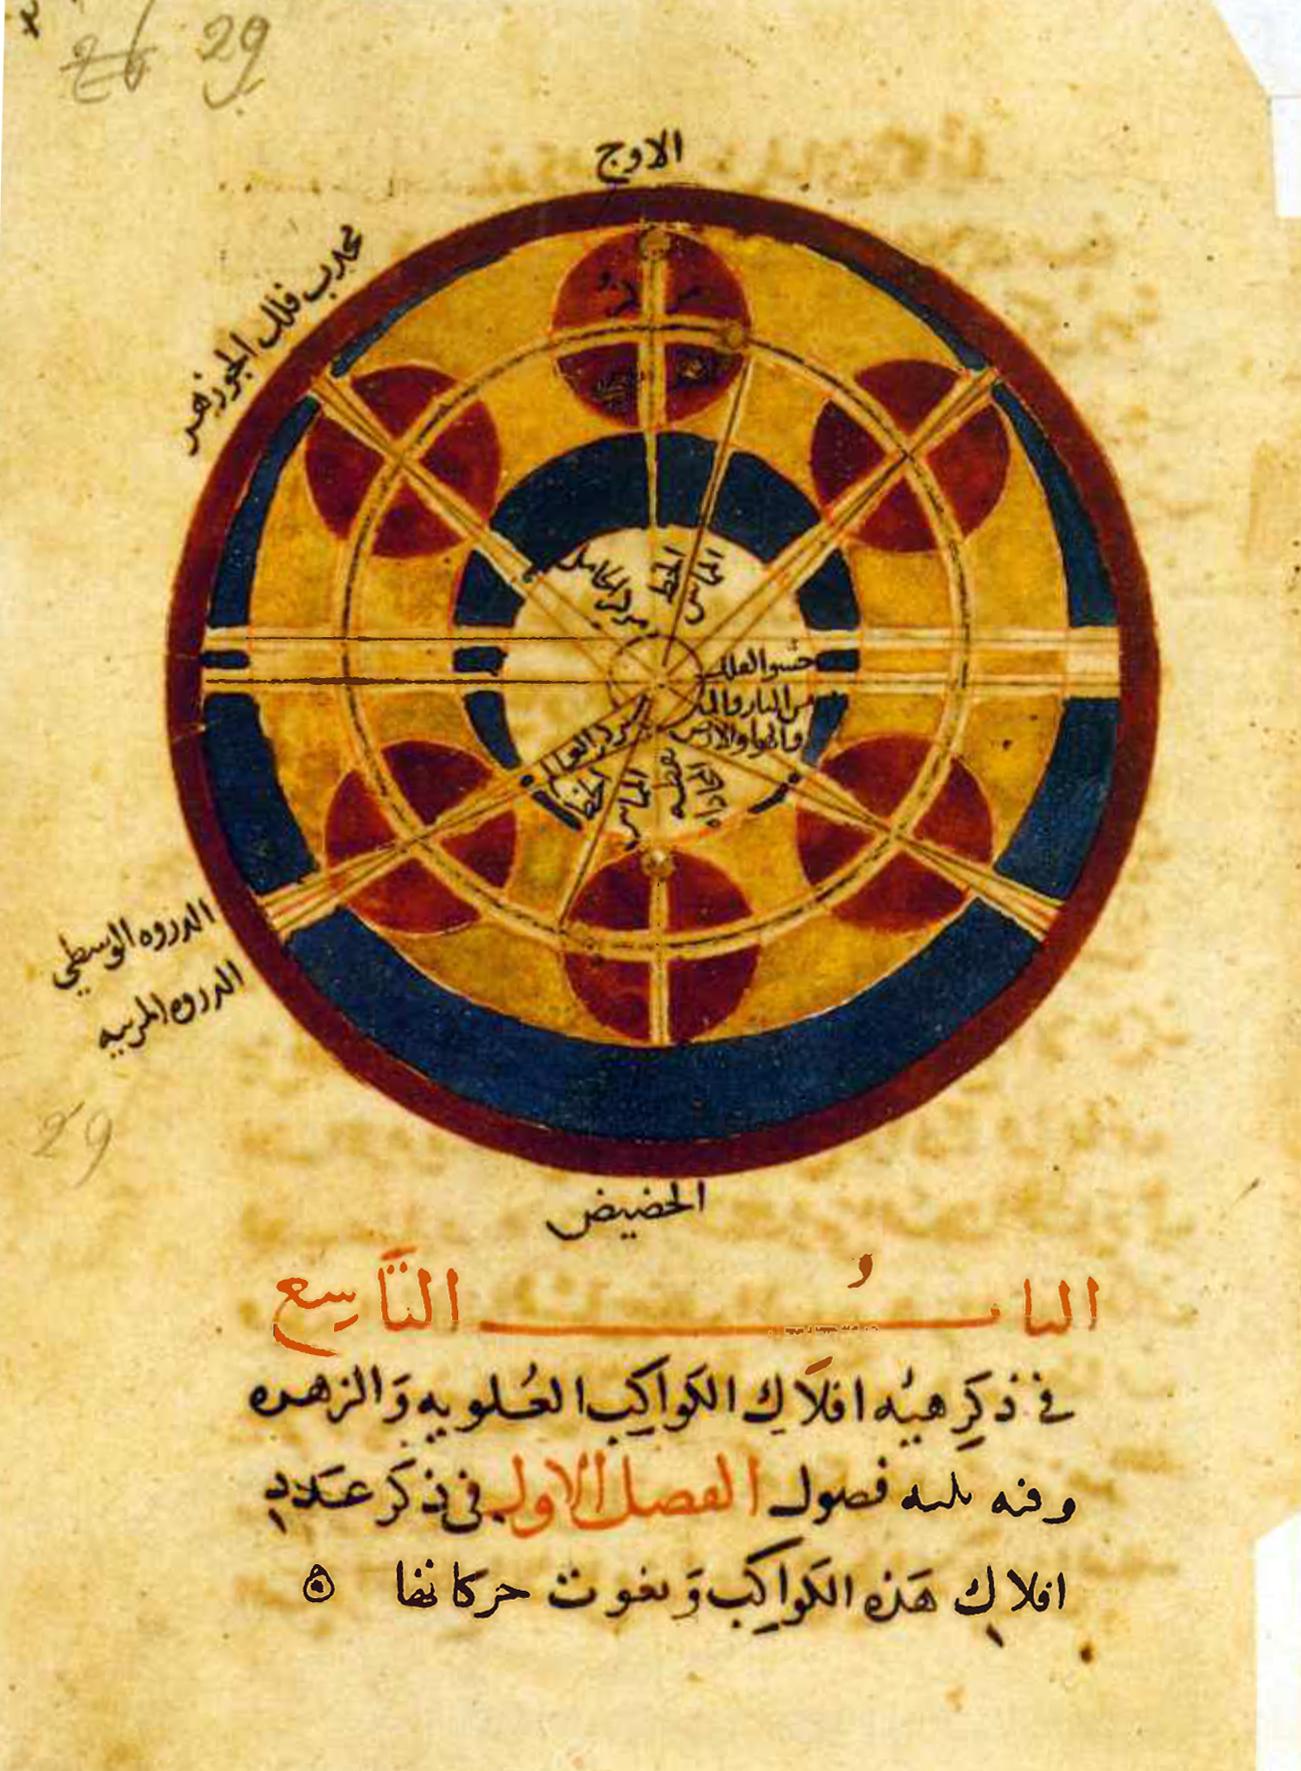 Zeichnung einer partiellen und einer totalen Mondfinsternis in einer orientalischen Handschrift